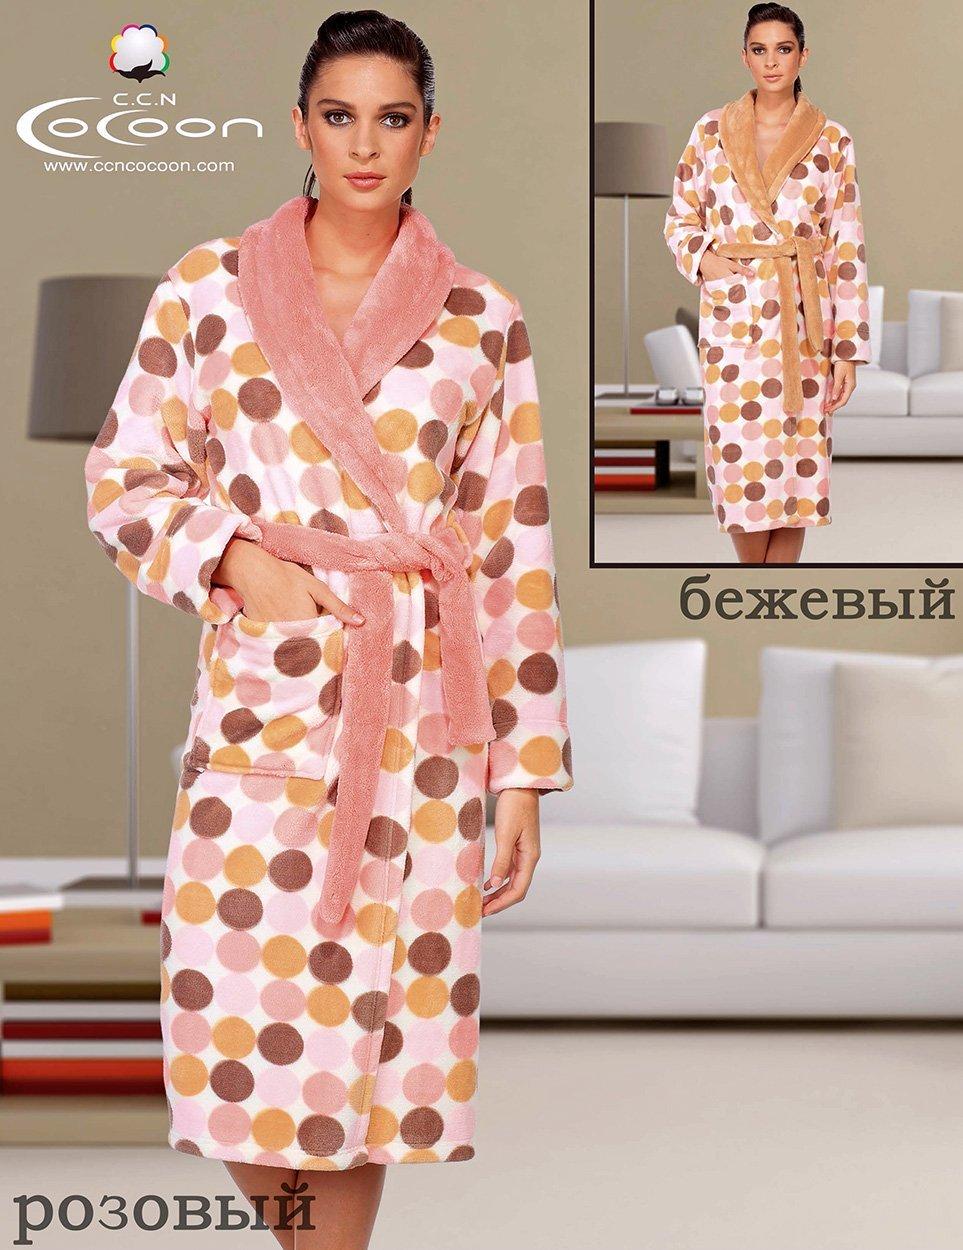 Женский халат из микрофибры 05-5027 Горох Cocoon